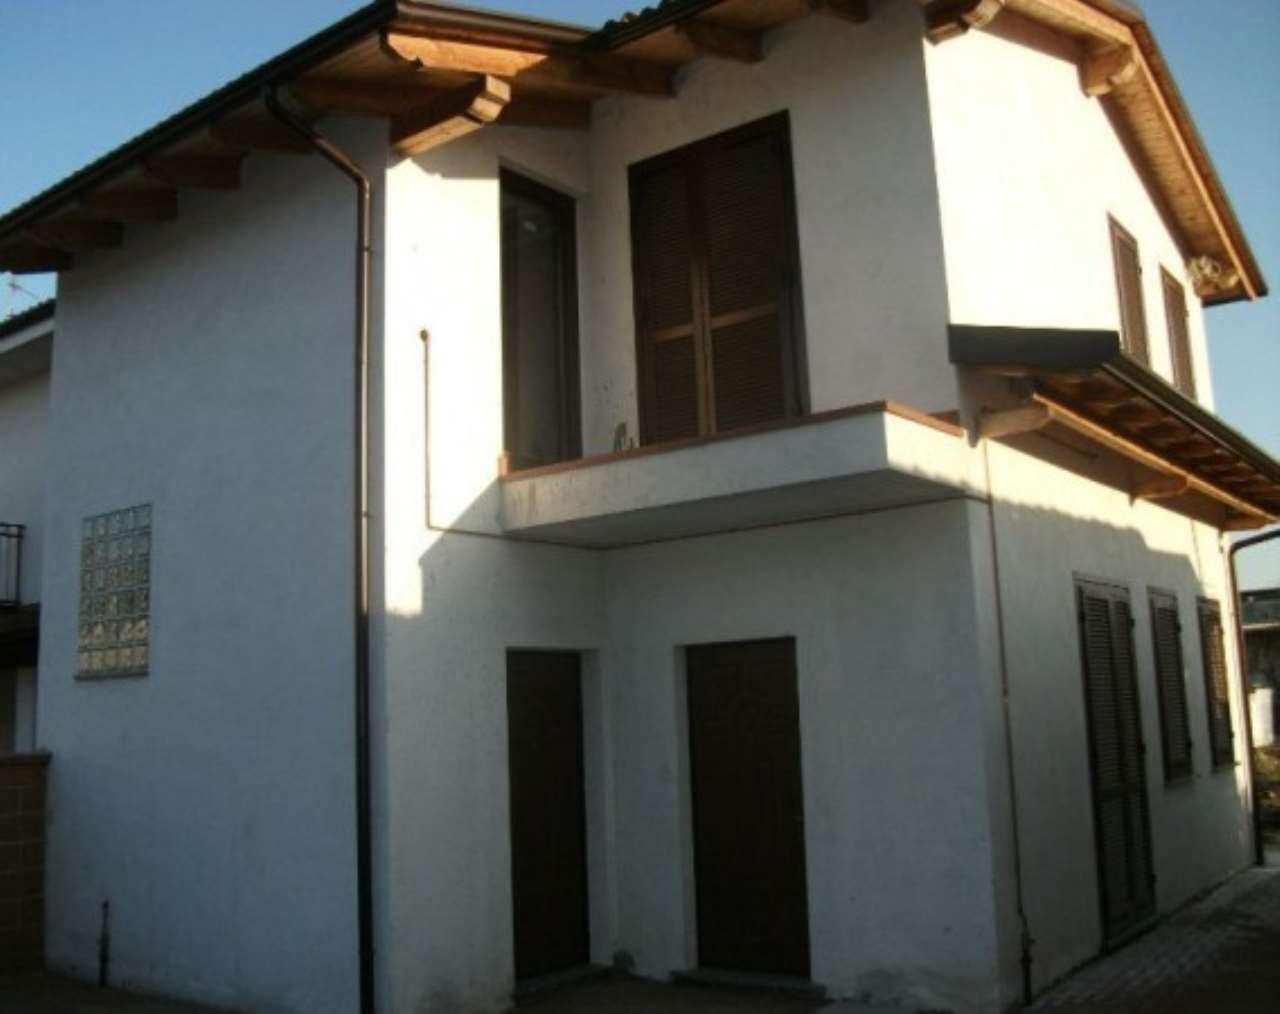 Soluzione Indipendente in vendita a Casalbeltrame, 4 locali, prezzo € 148.000 | PortaleAgenzieImmobiliari.it